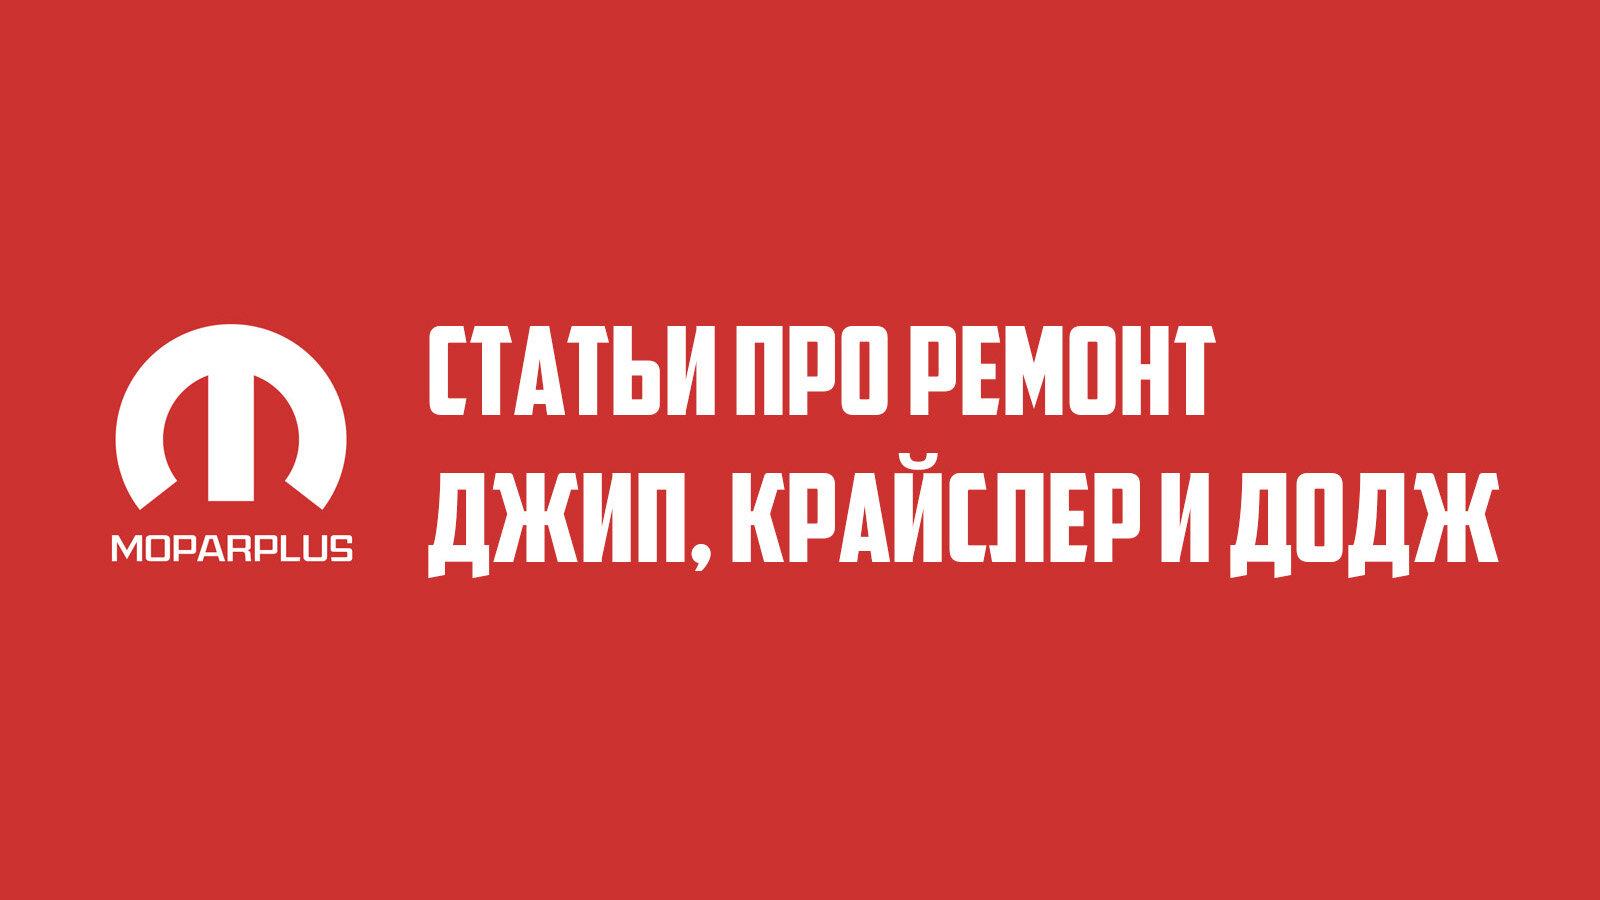 Статьи про ремонт. Выпуск №69.